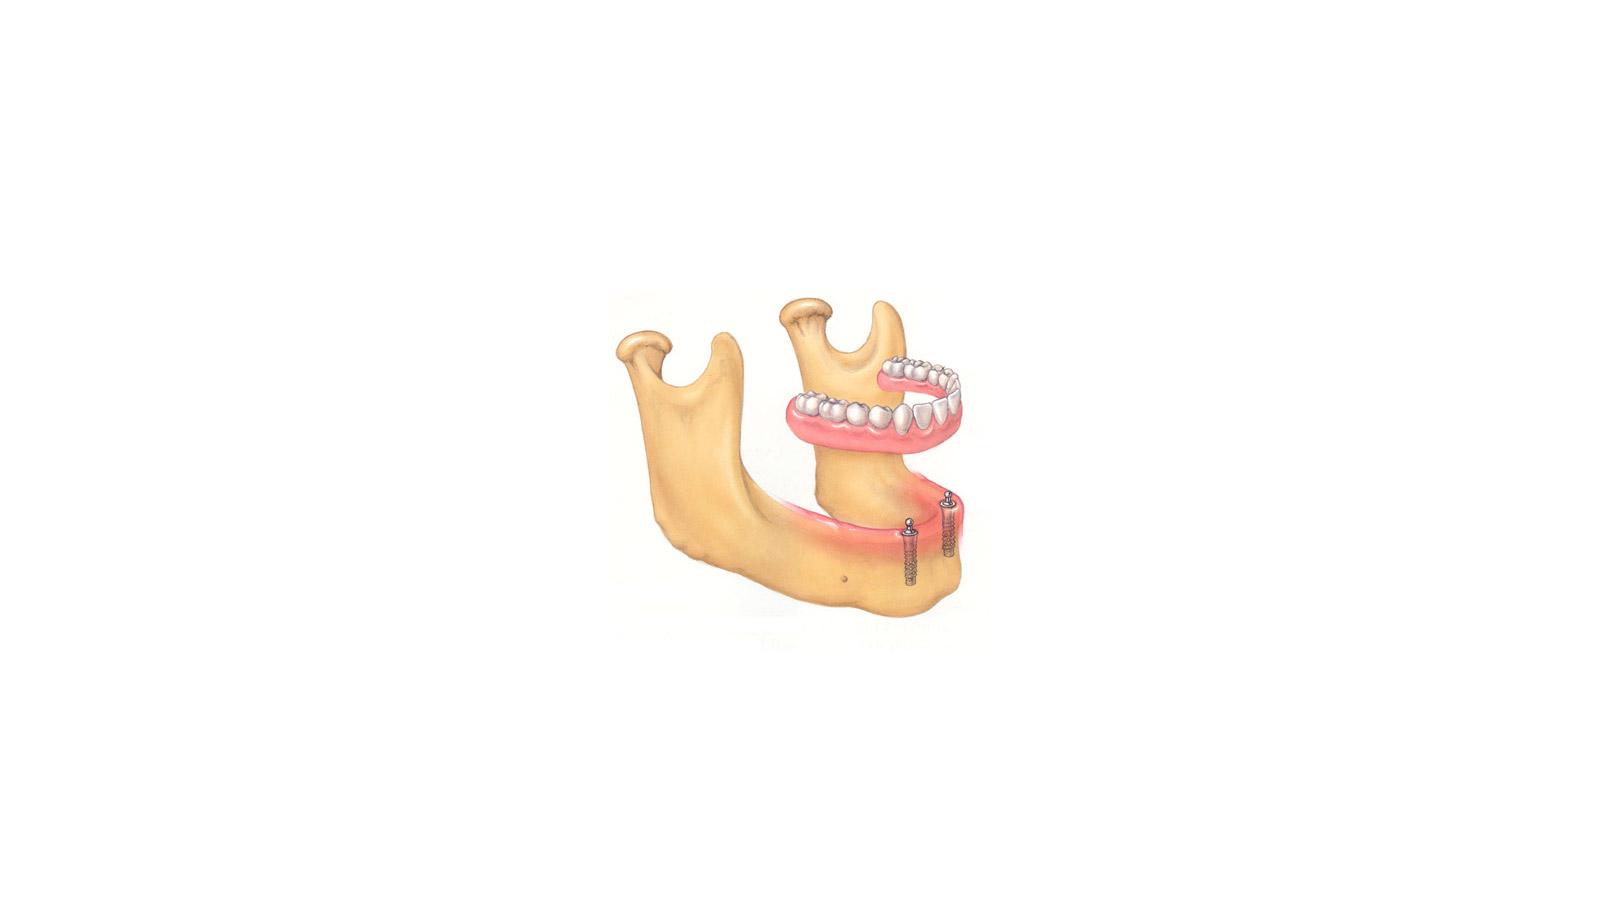 ثابت کردن دندان مصنوعی با ایمپلنت